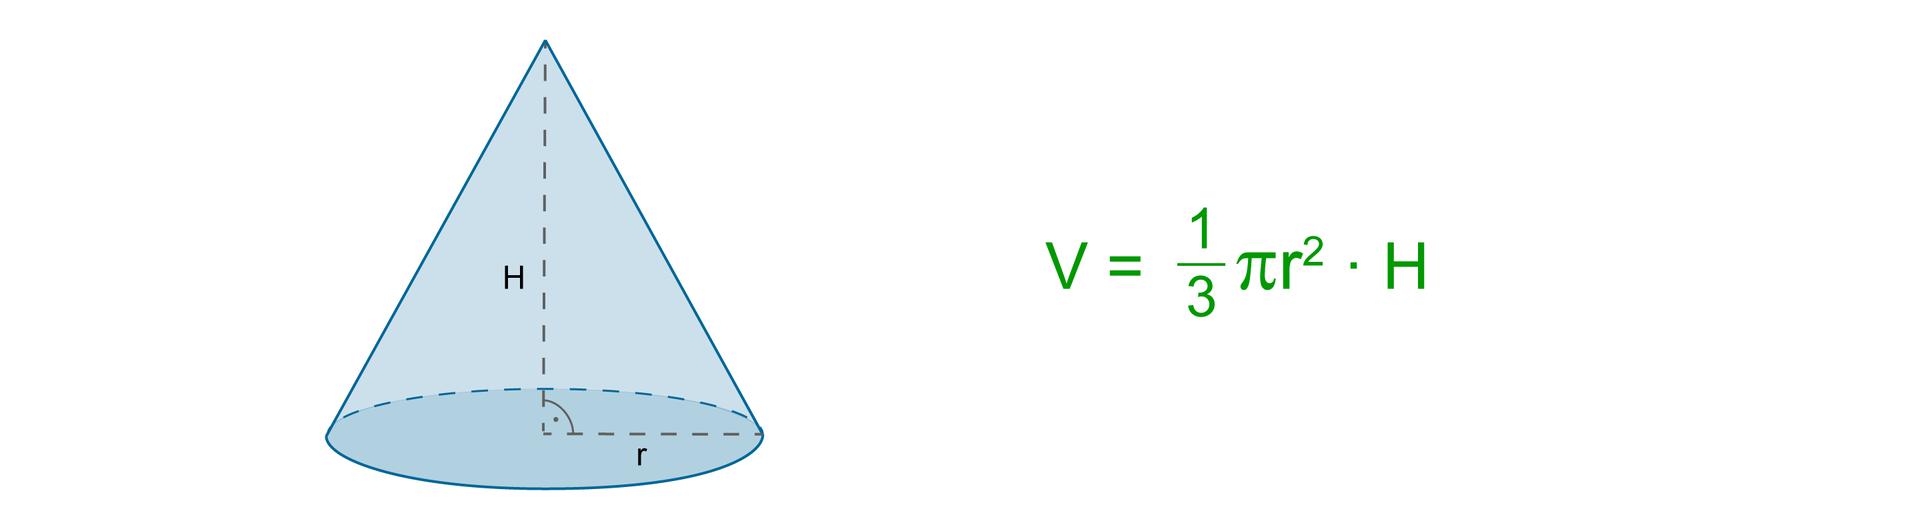 Rysunek stożka owysokości równej Hipromieniu podstawy r. Zapis: V= jedna trzecia pi rdo potęgi drugiej razy H.